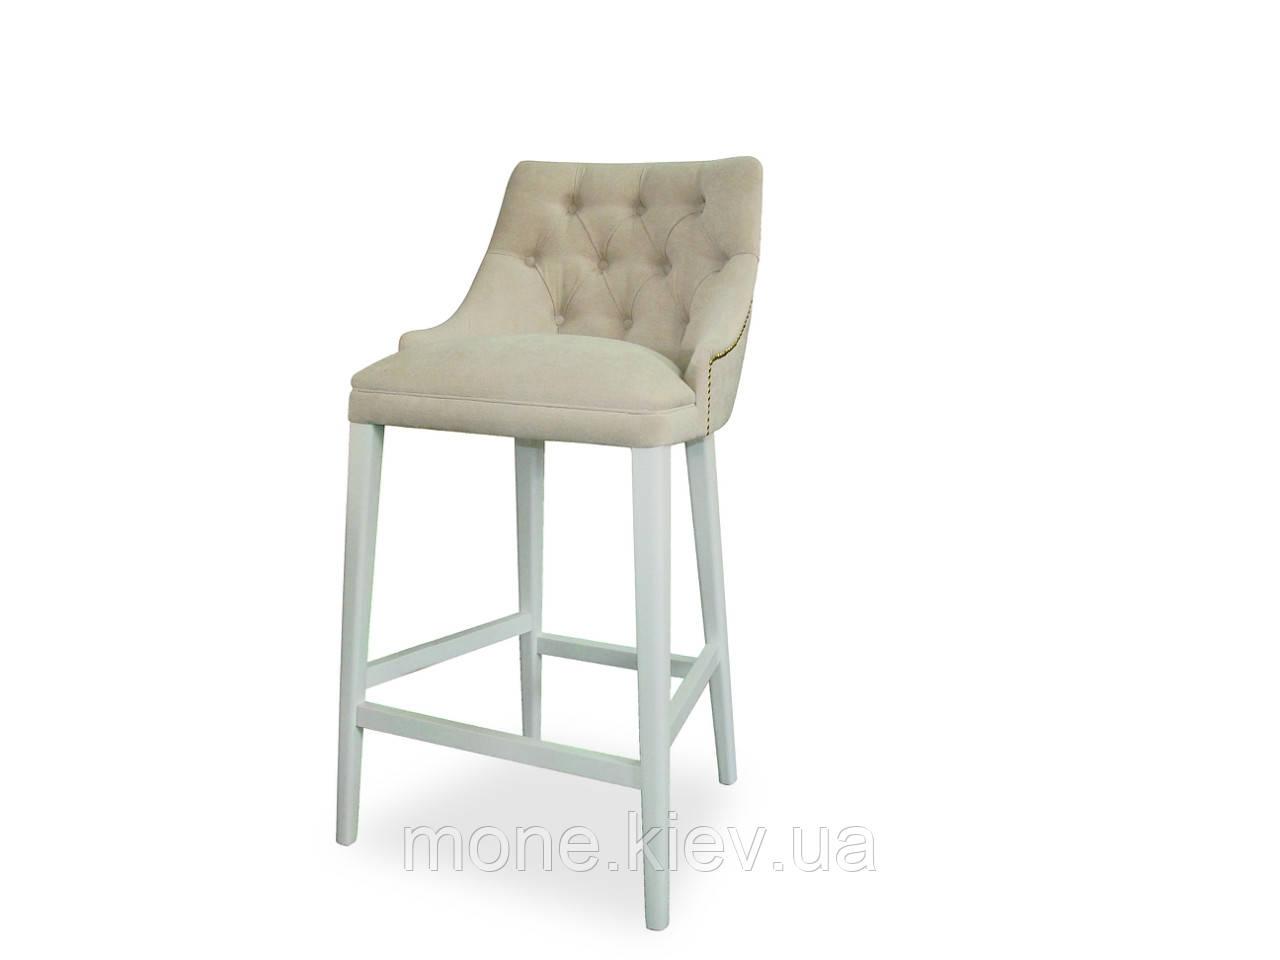 Барний стілець Сантіно 01